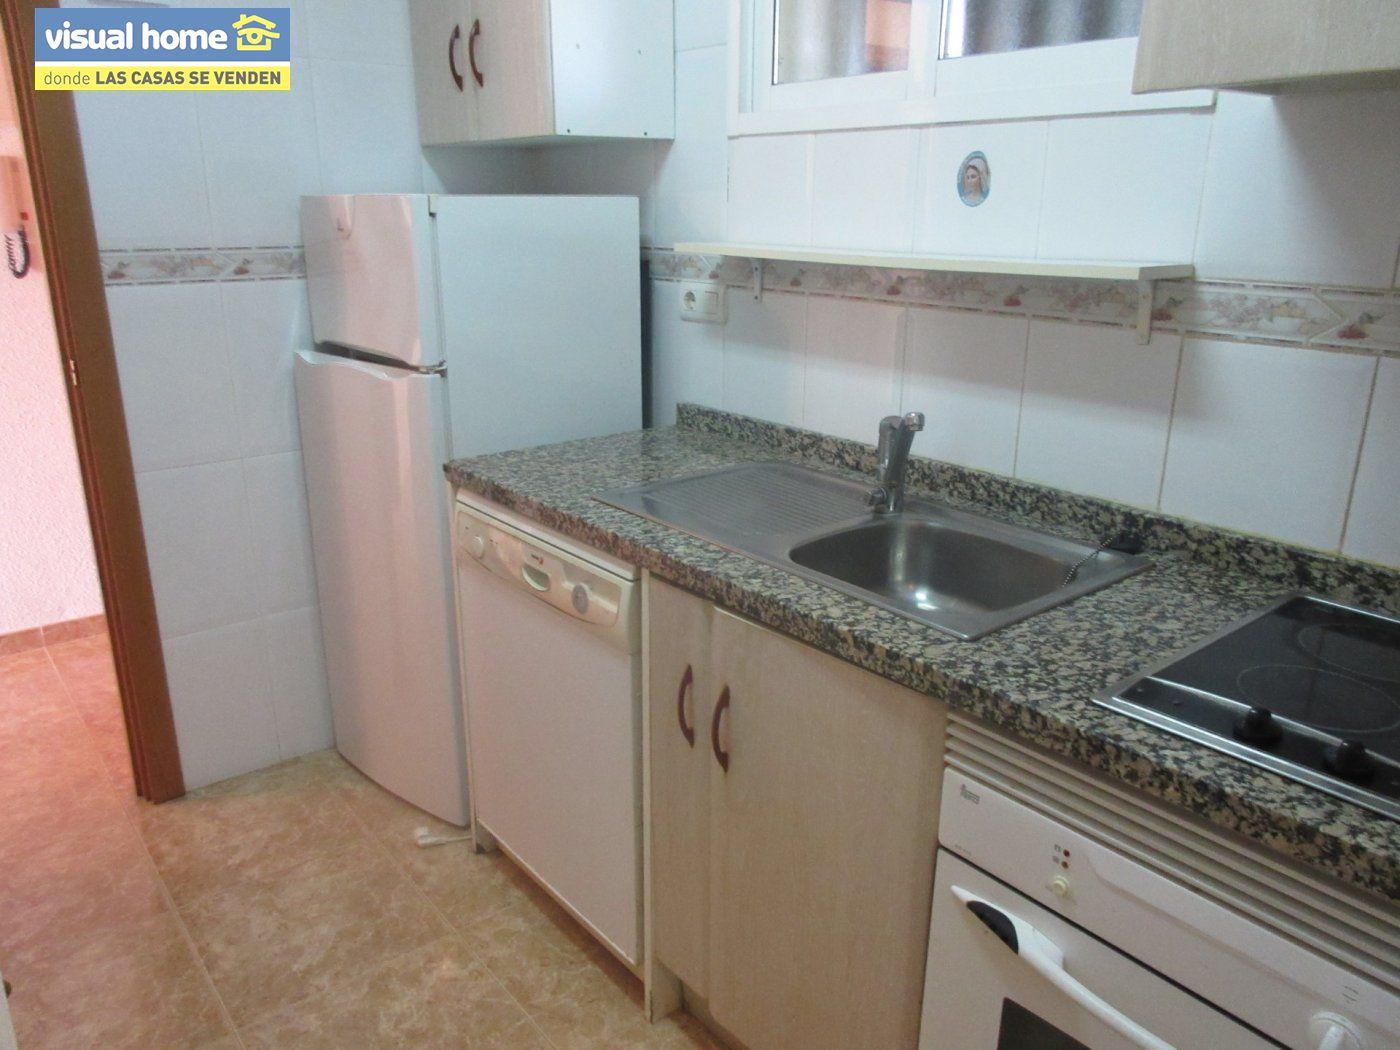 Apartamento 1 dormitorio con vistas espectaculares con parking y piscina en Rincón de Loix llano 6